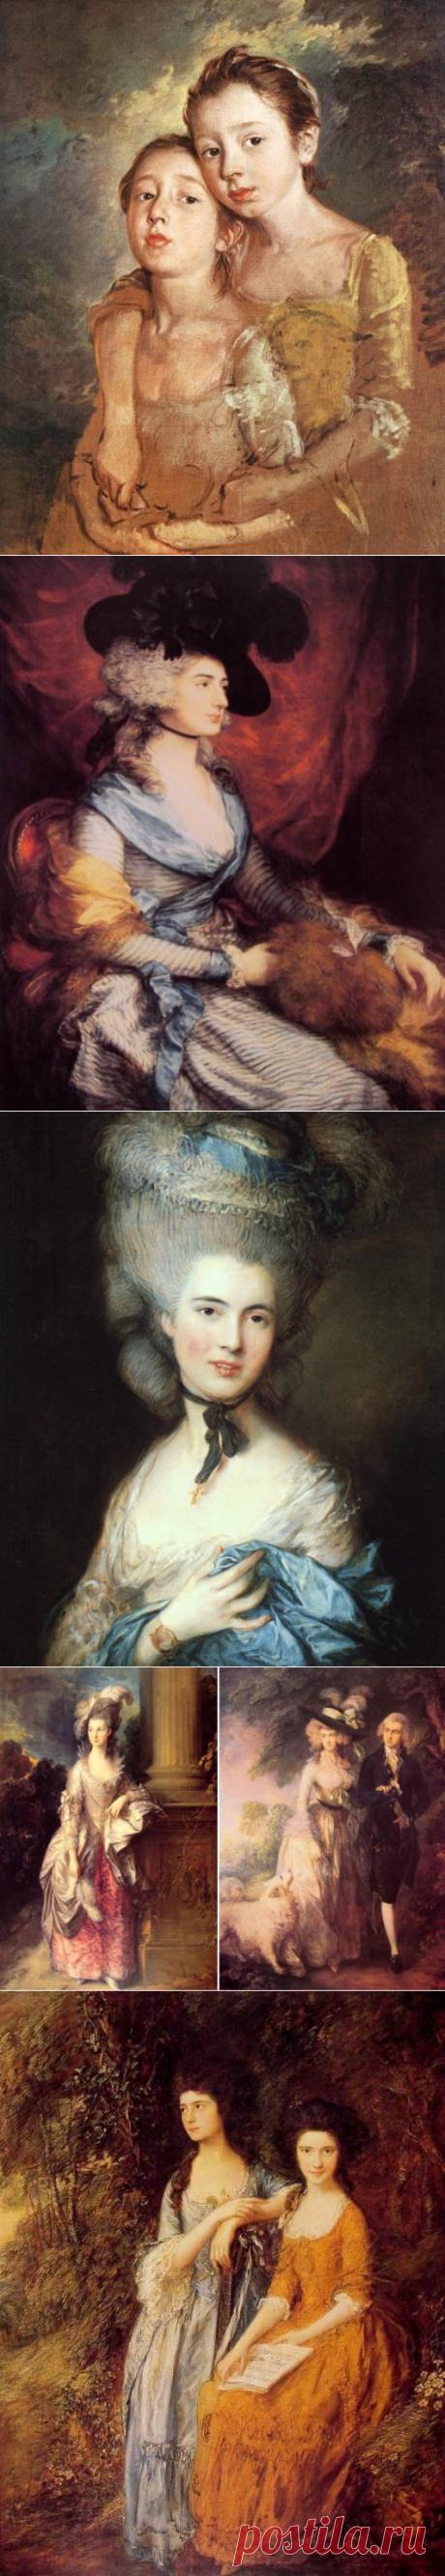 Тайны дамы в голубом: магия портретов Томаса Гейнсборо